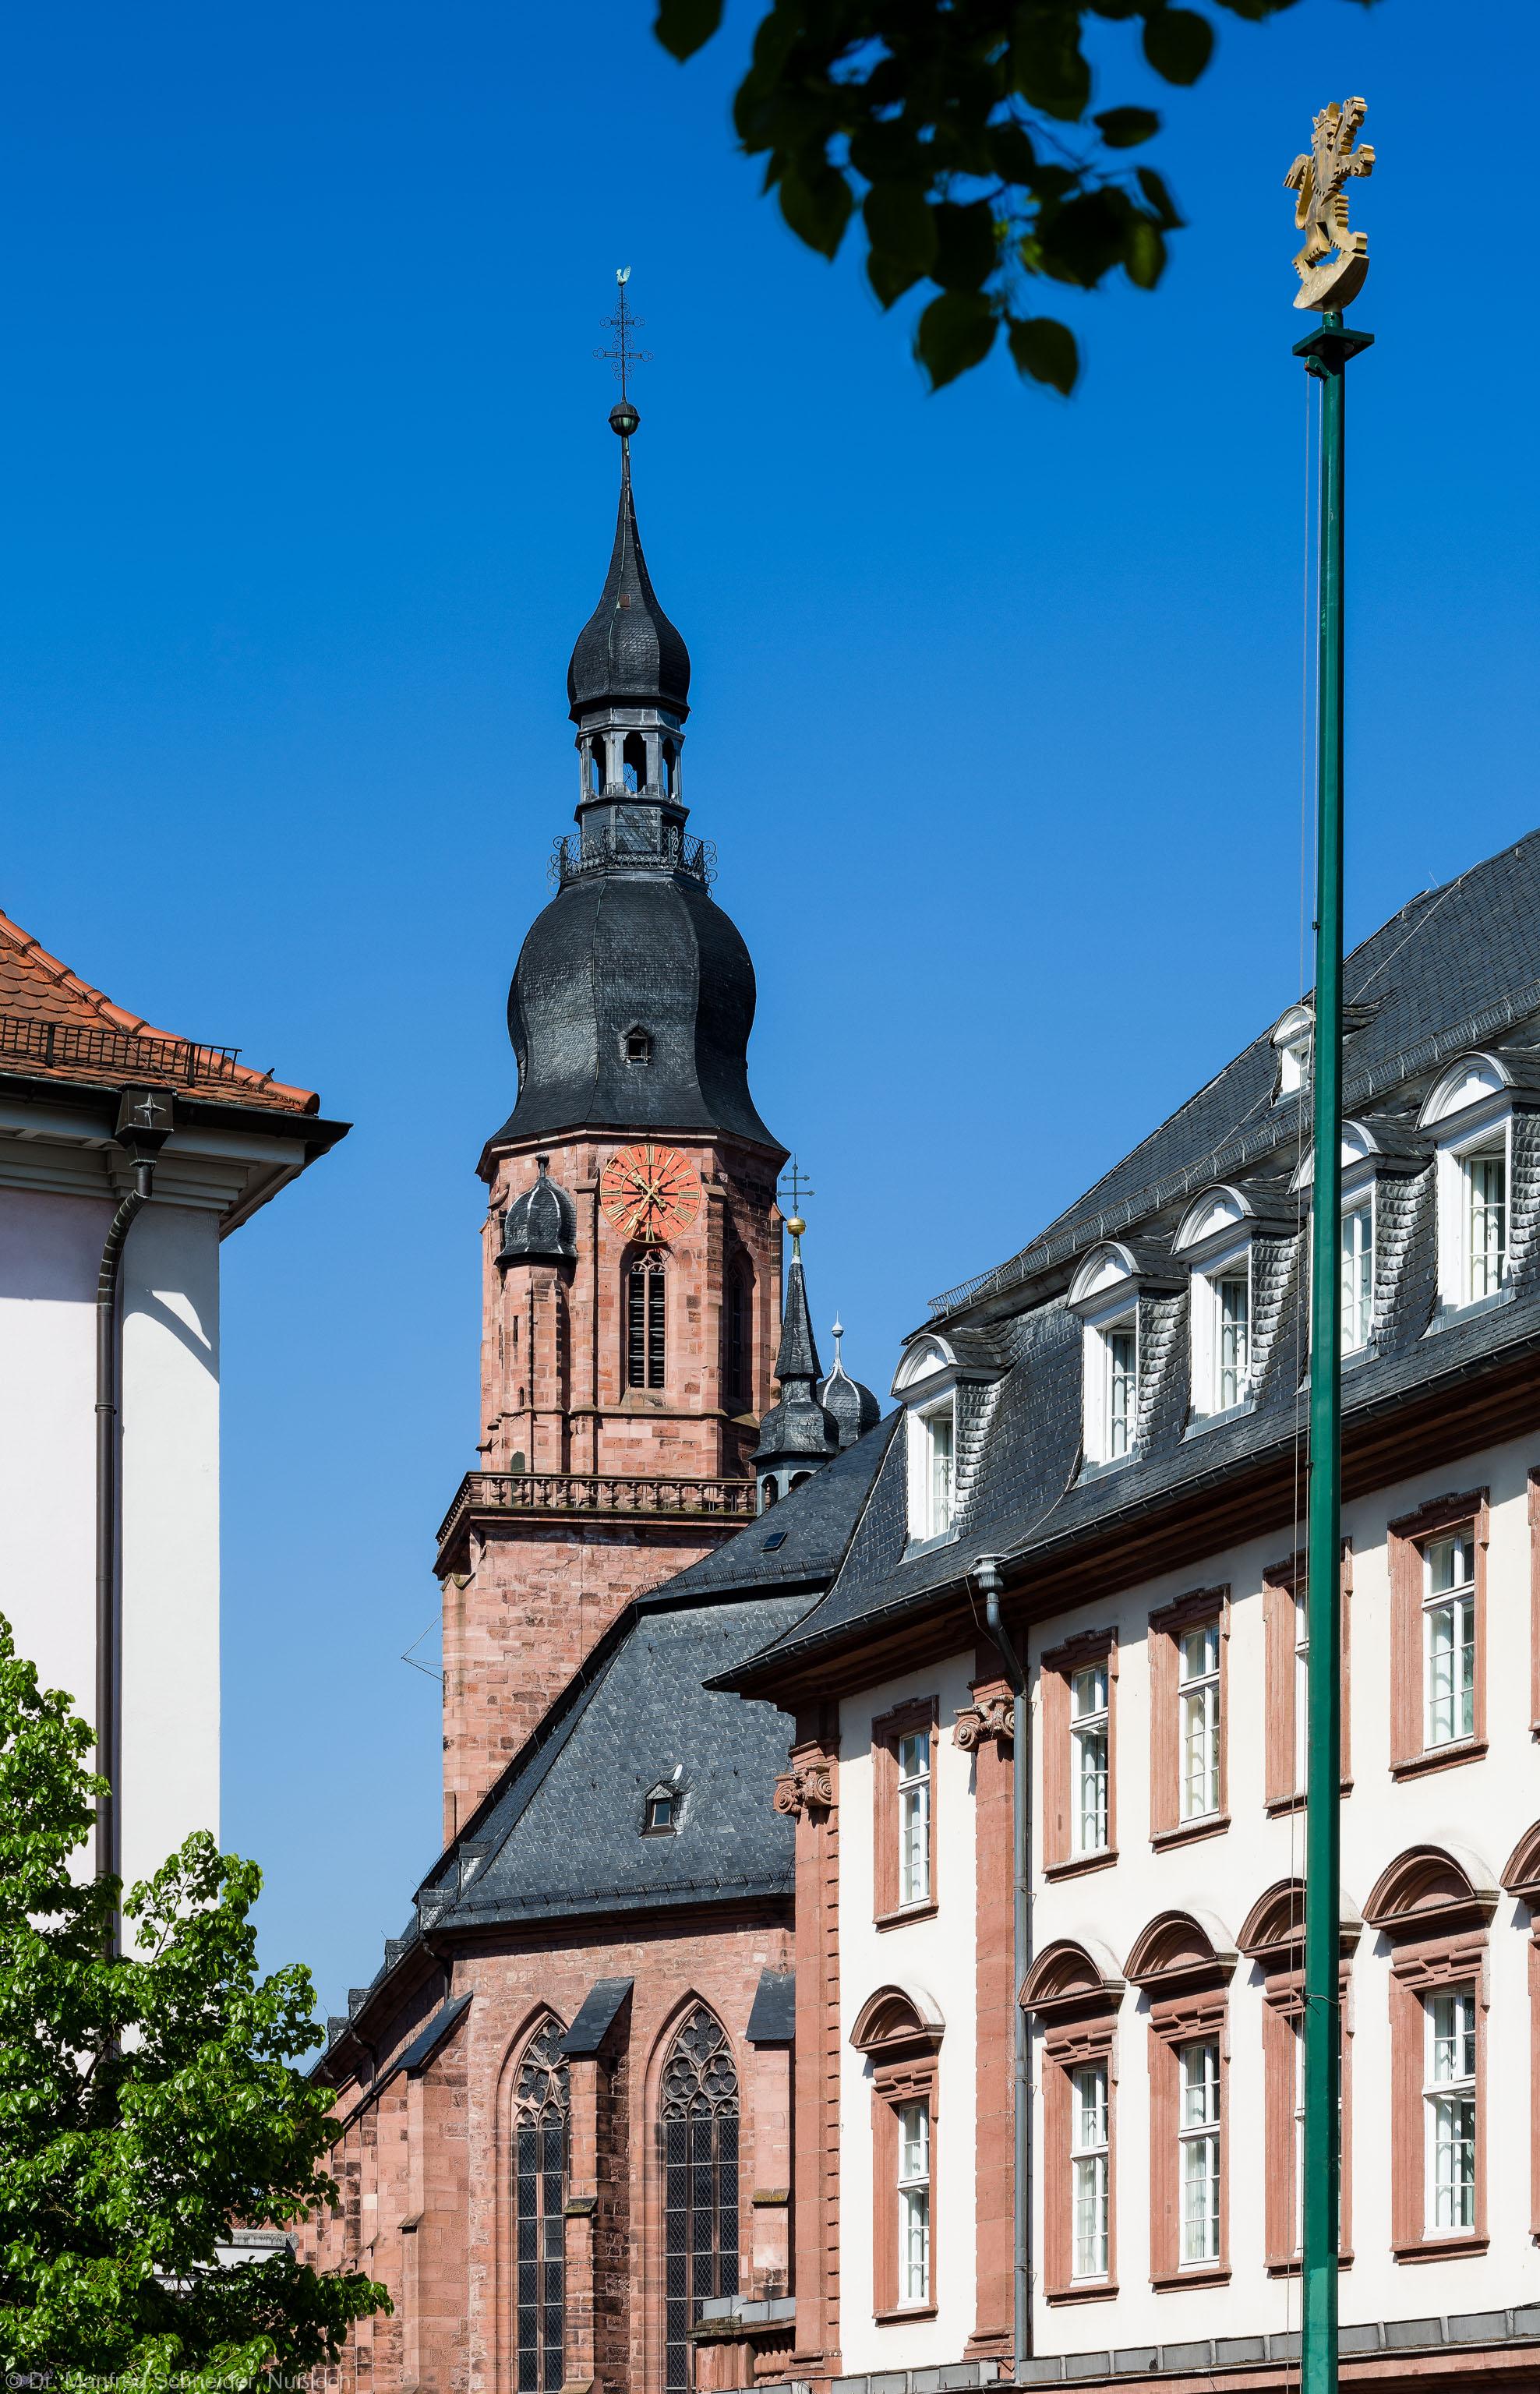 Heidelberg - Heiliggeistkirche - Ostseite - Blick vom Kornmarkt auf die Südostseite und den Turm (aufgenommen im Mai 2013, am späten Vormittag)